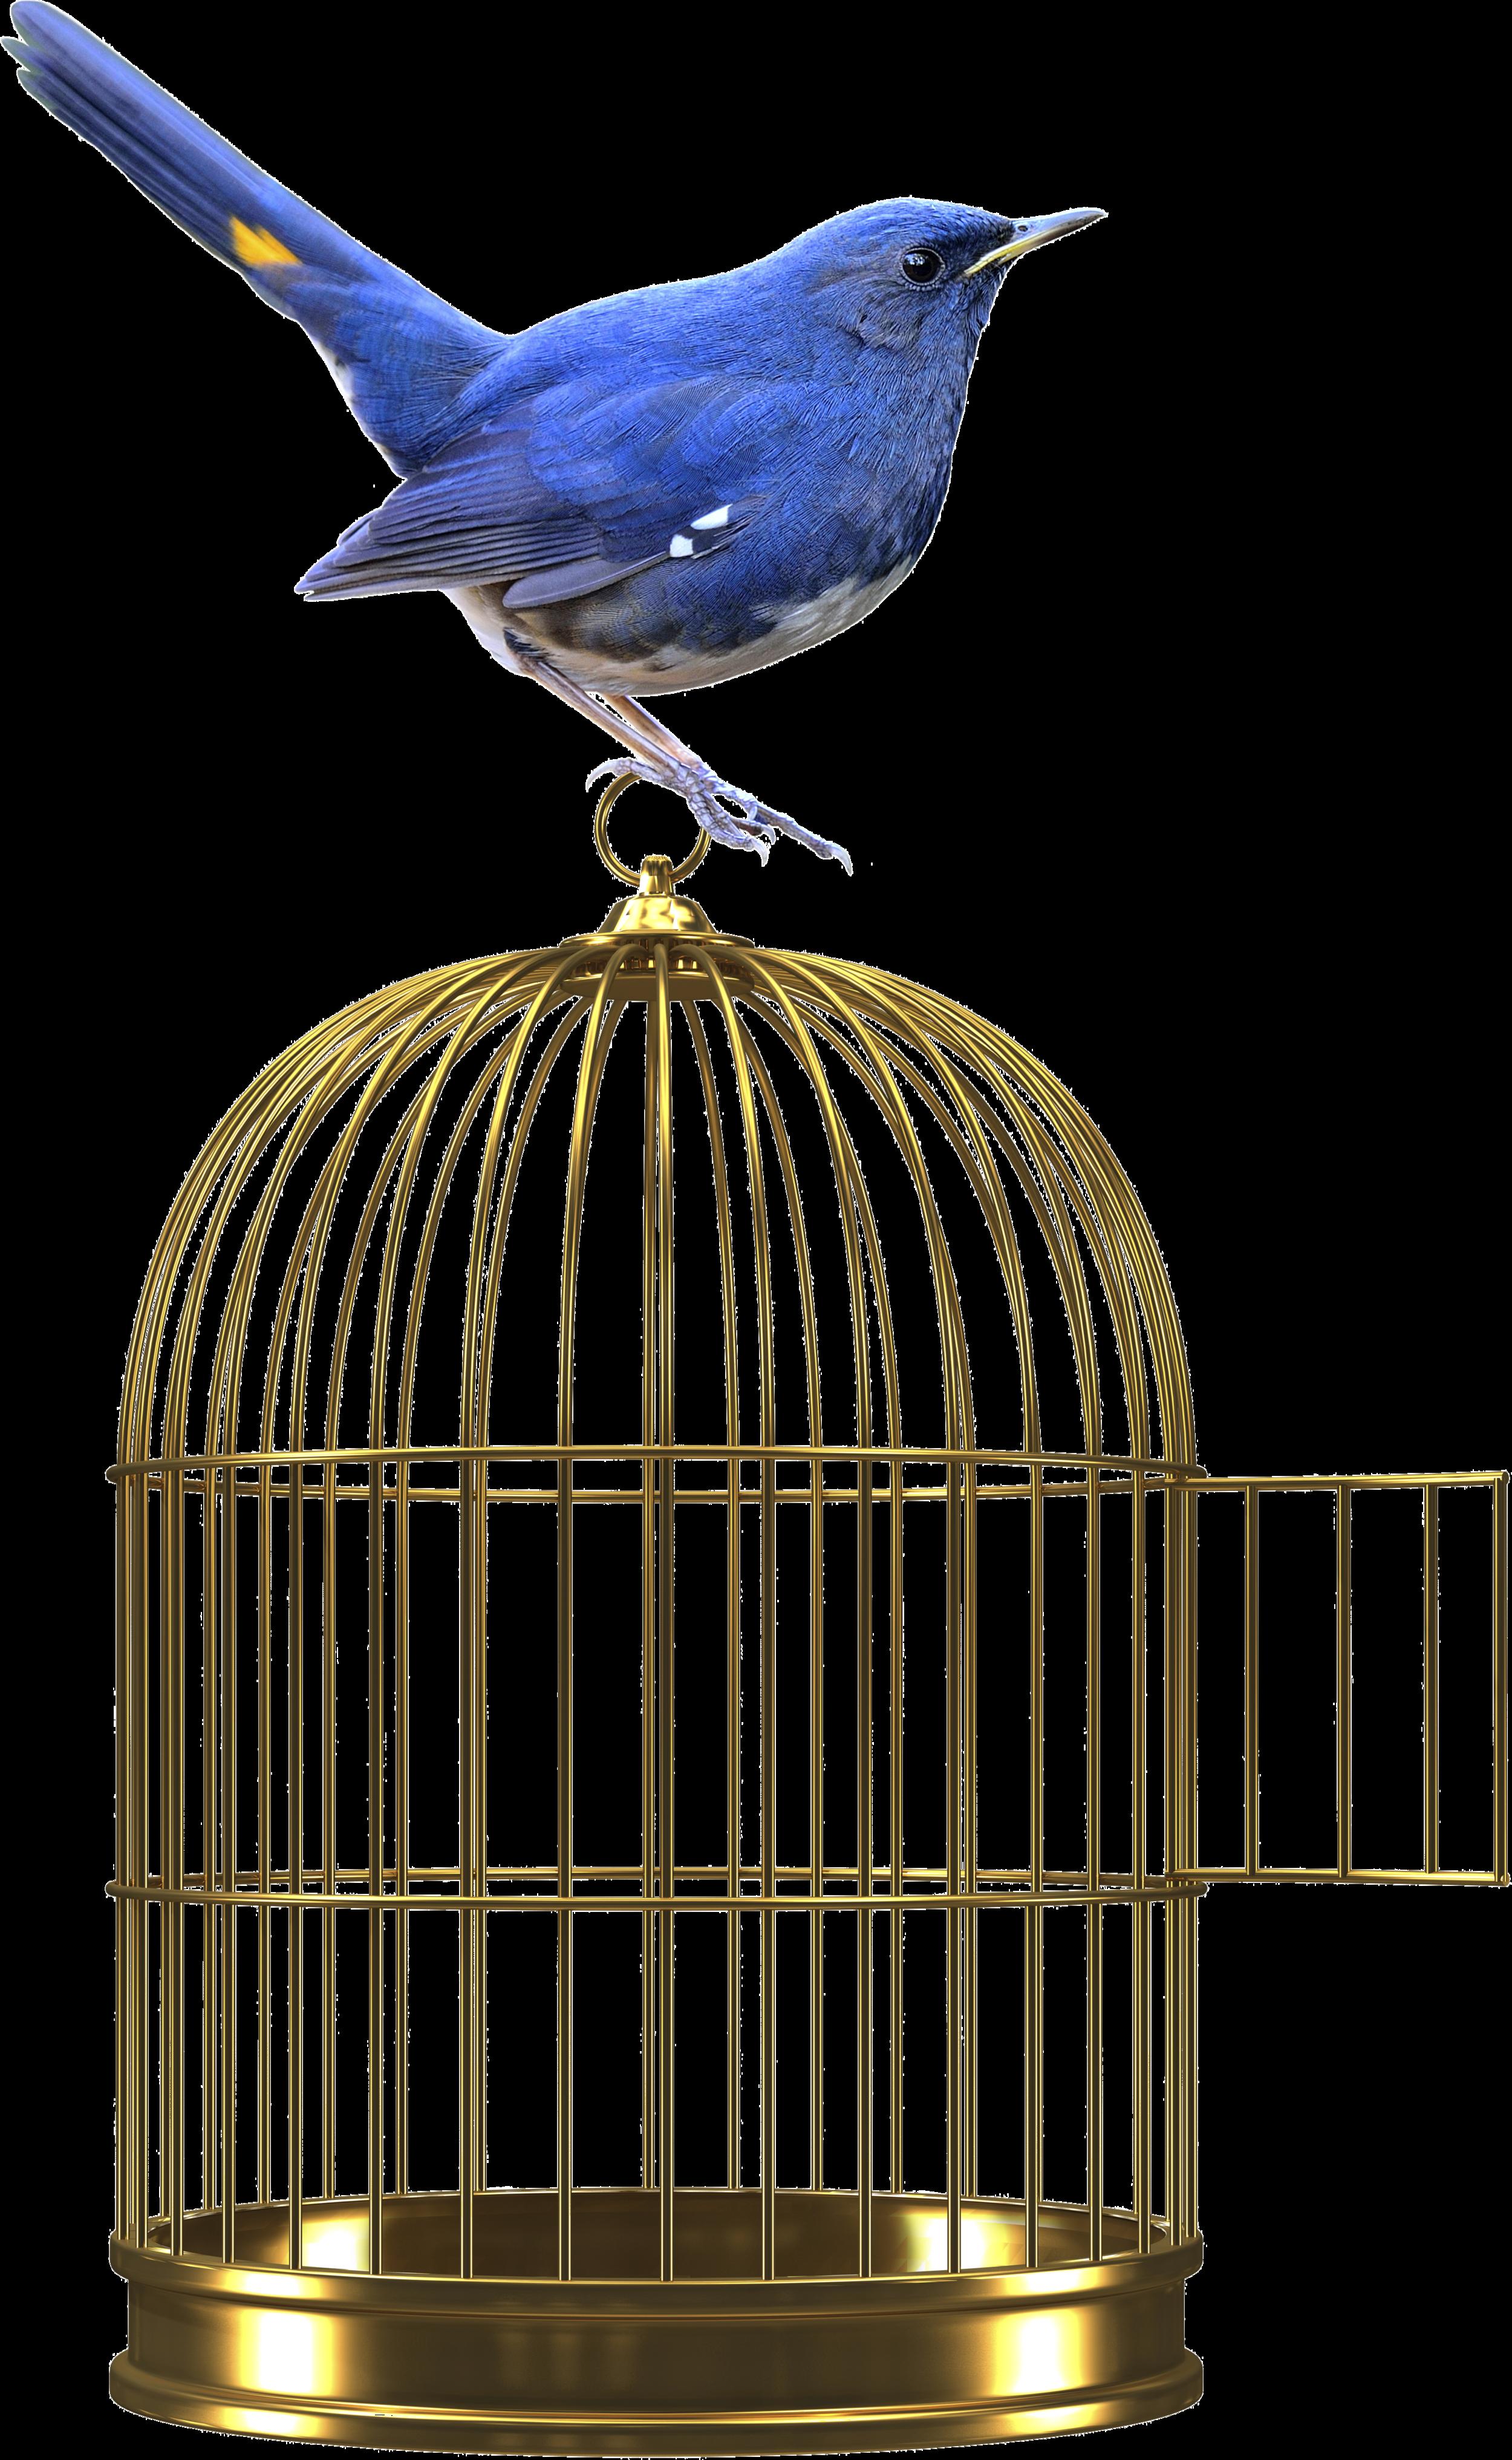 web.bird.png